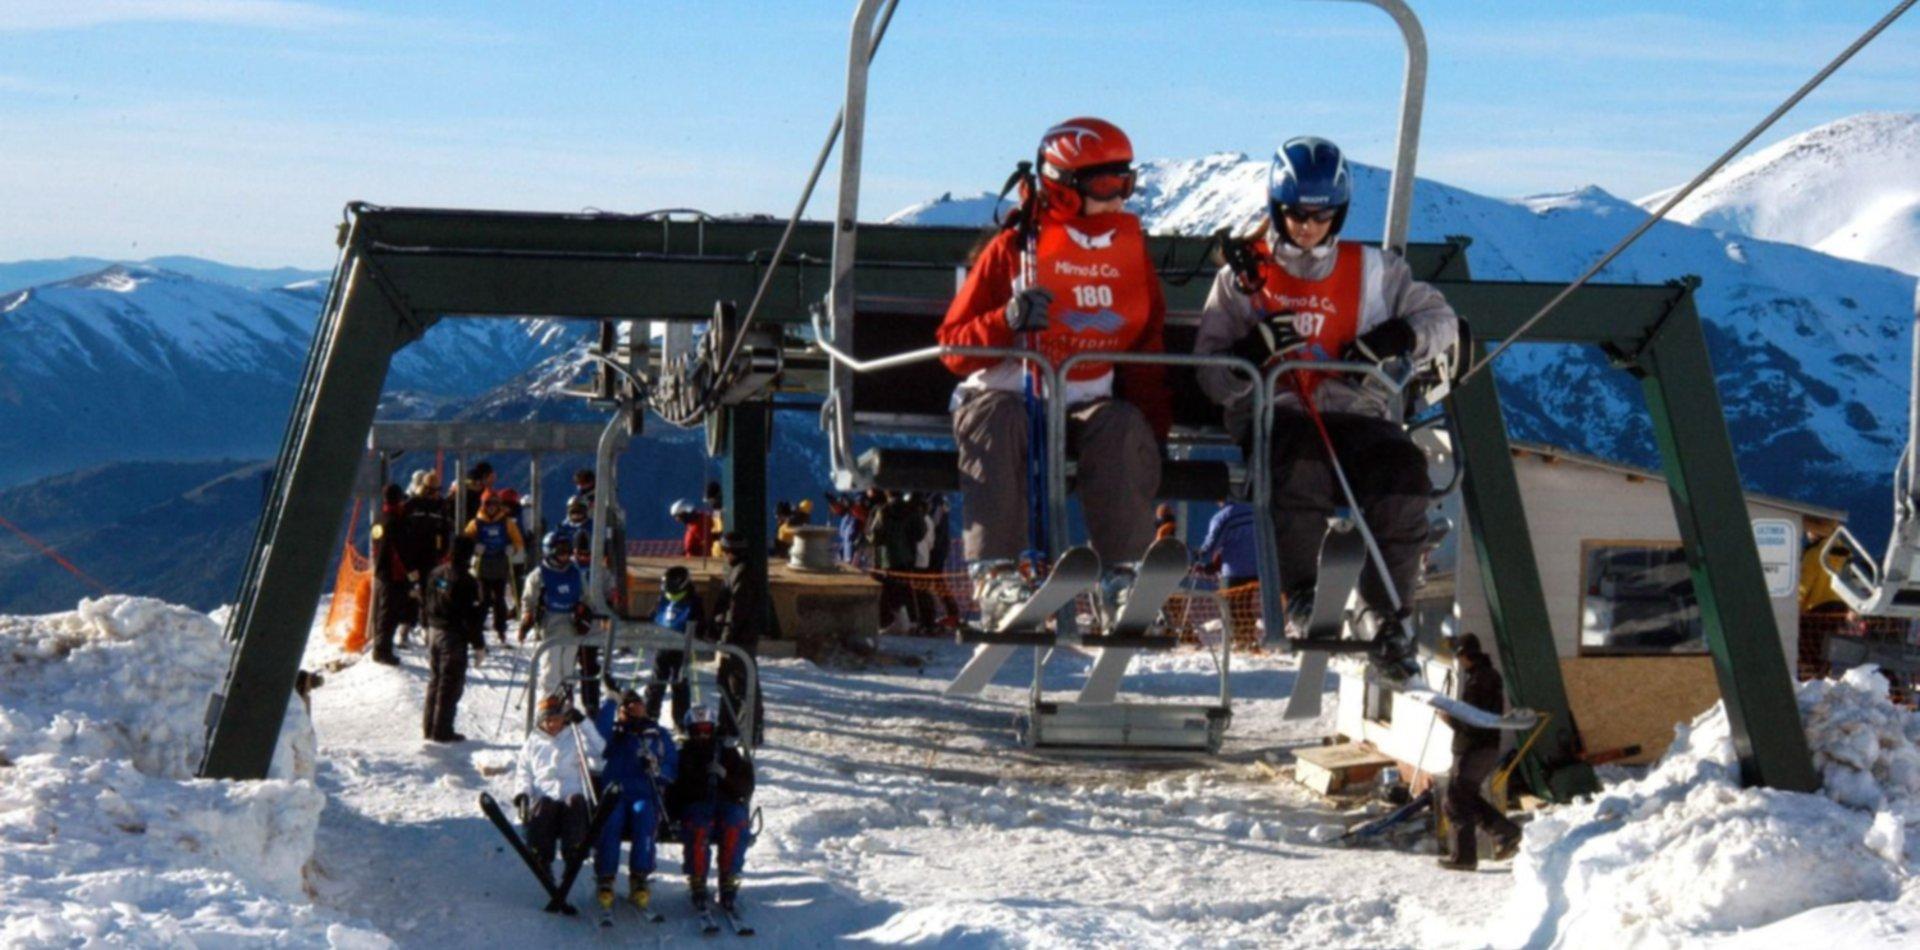 ANSES lanza descuentos en pasajes y hoteles para viajar estas vacaciones de invierno